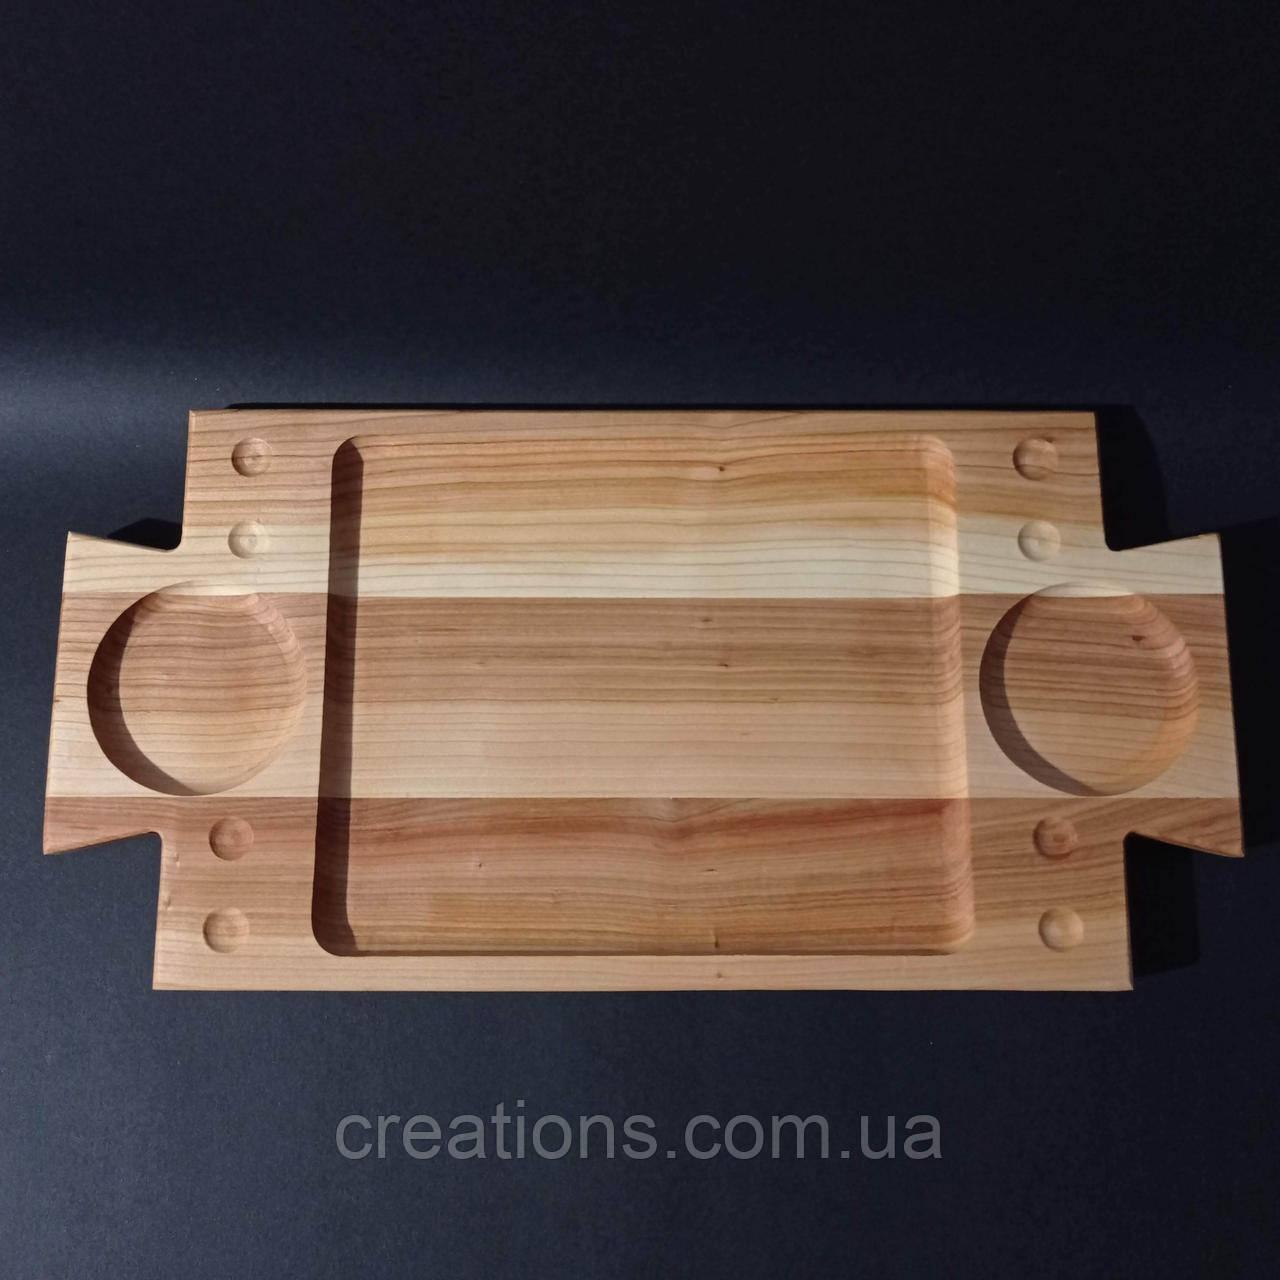 Менажница деревянная 40х20 см. прямоугольная с соусницами из черешни, ясеня